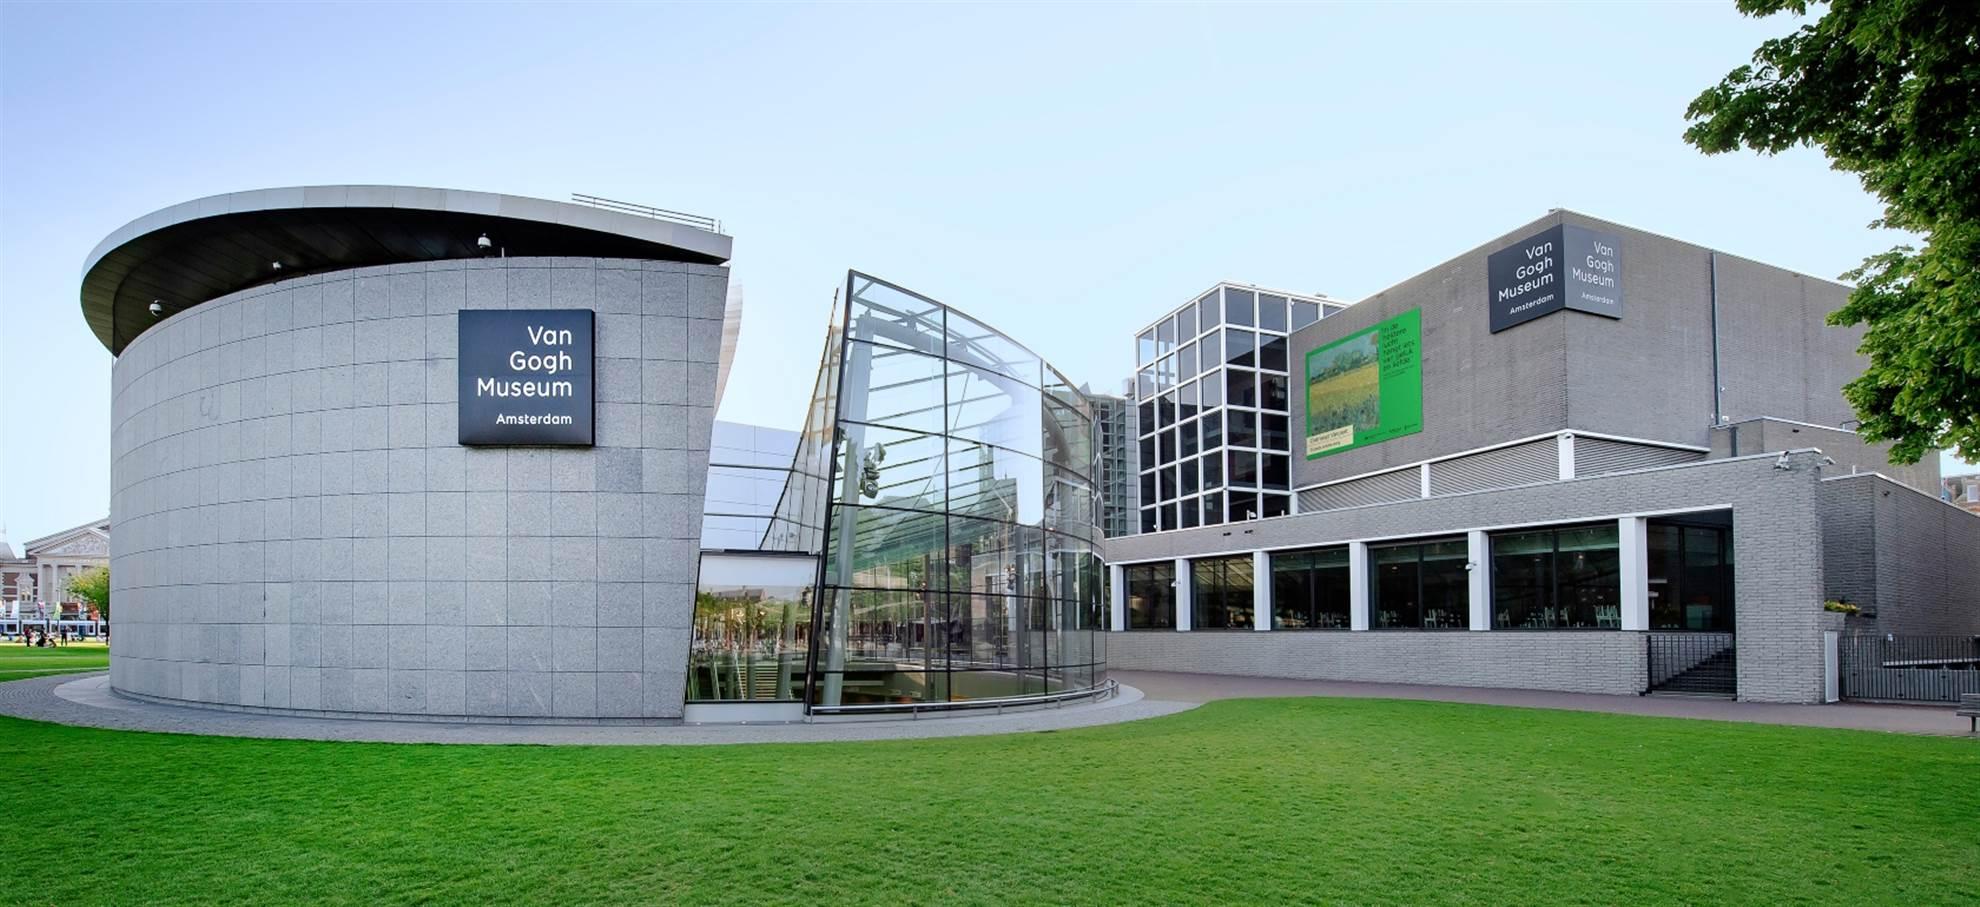 Rondvaart & Van Gogh Museum